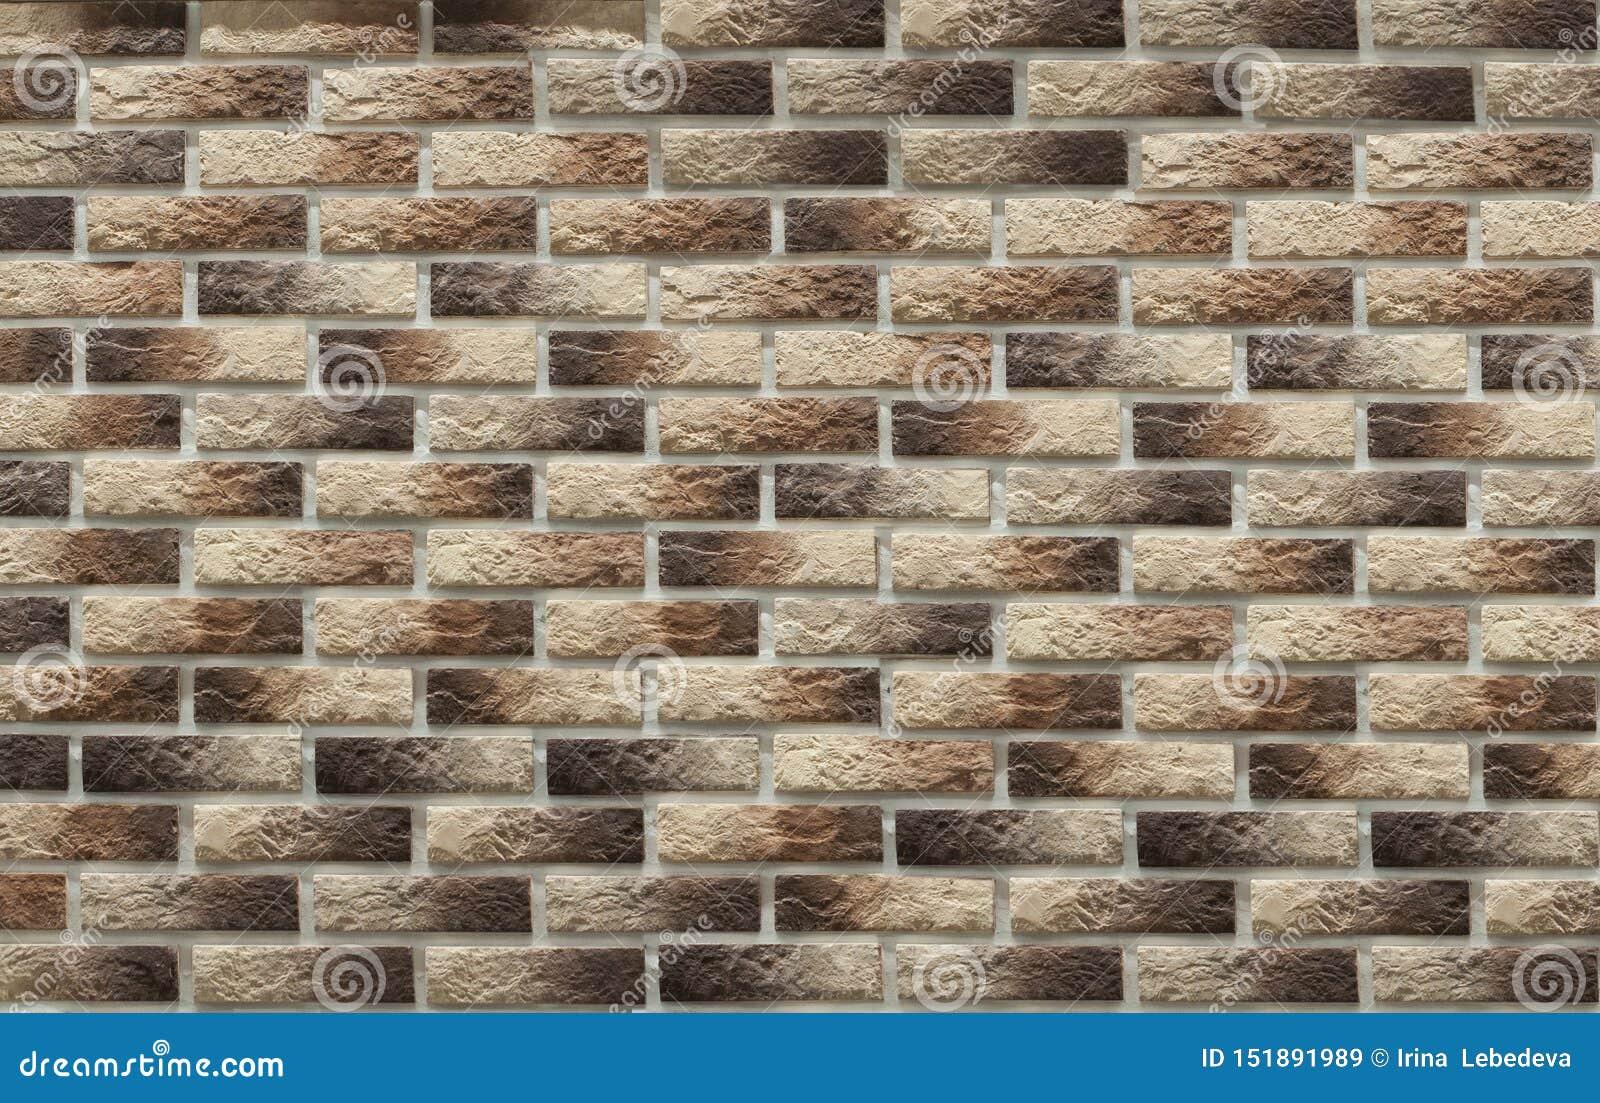 Bakgrund av tegelstenar för murverkbruntclinker på väggen, som används i reparationen av lokal